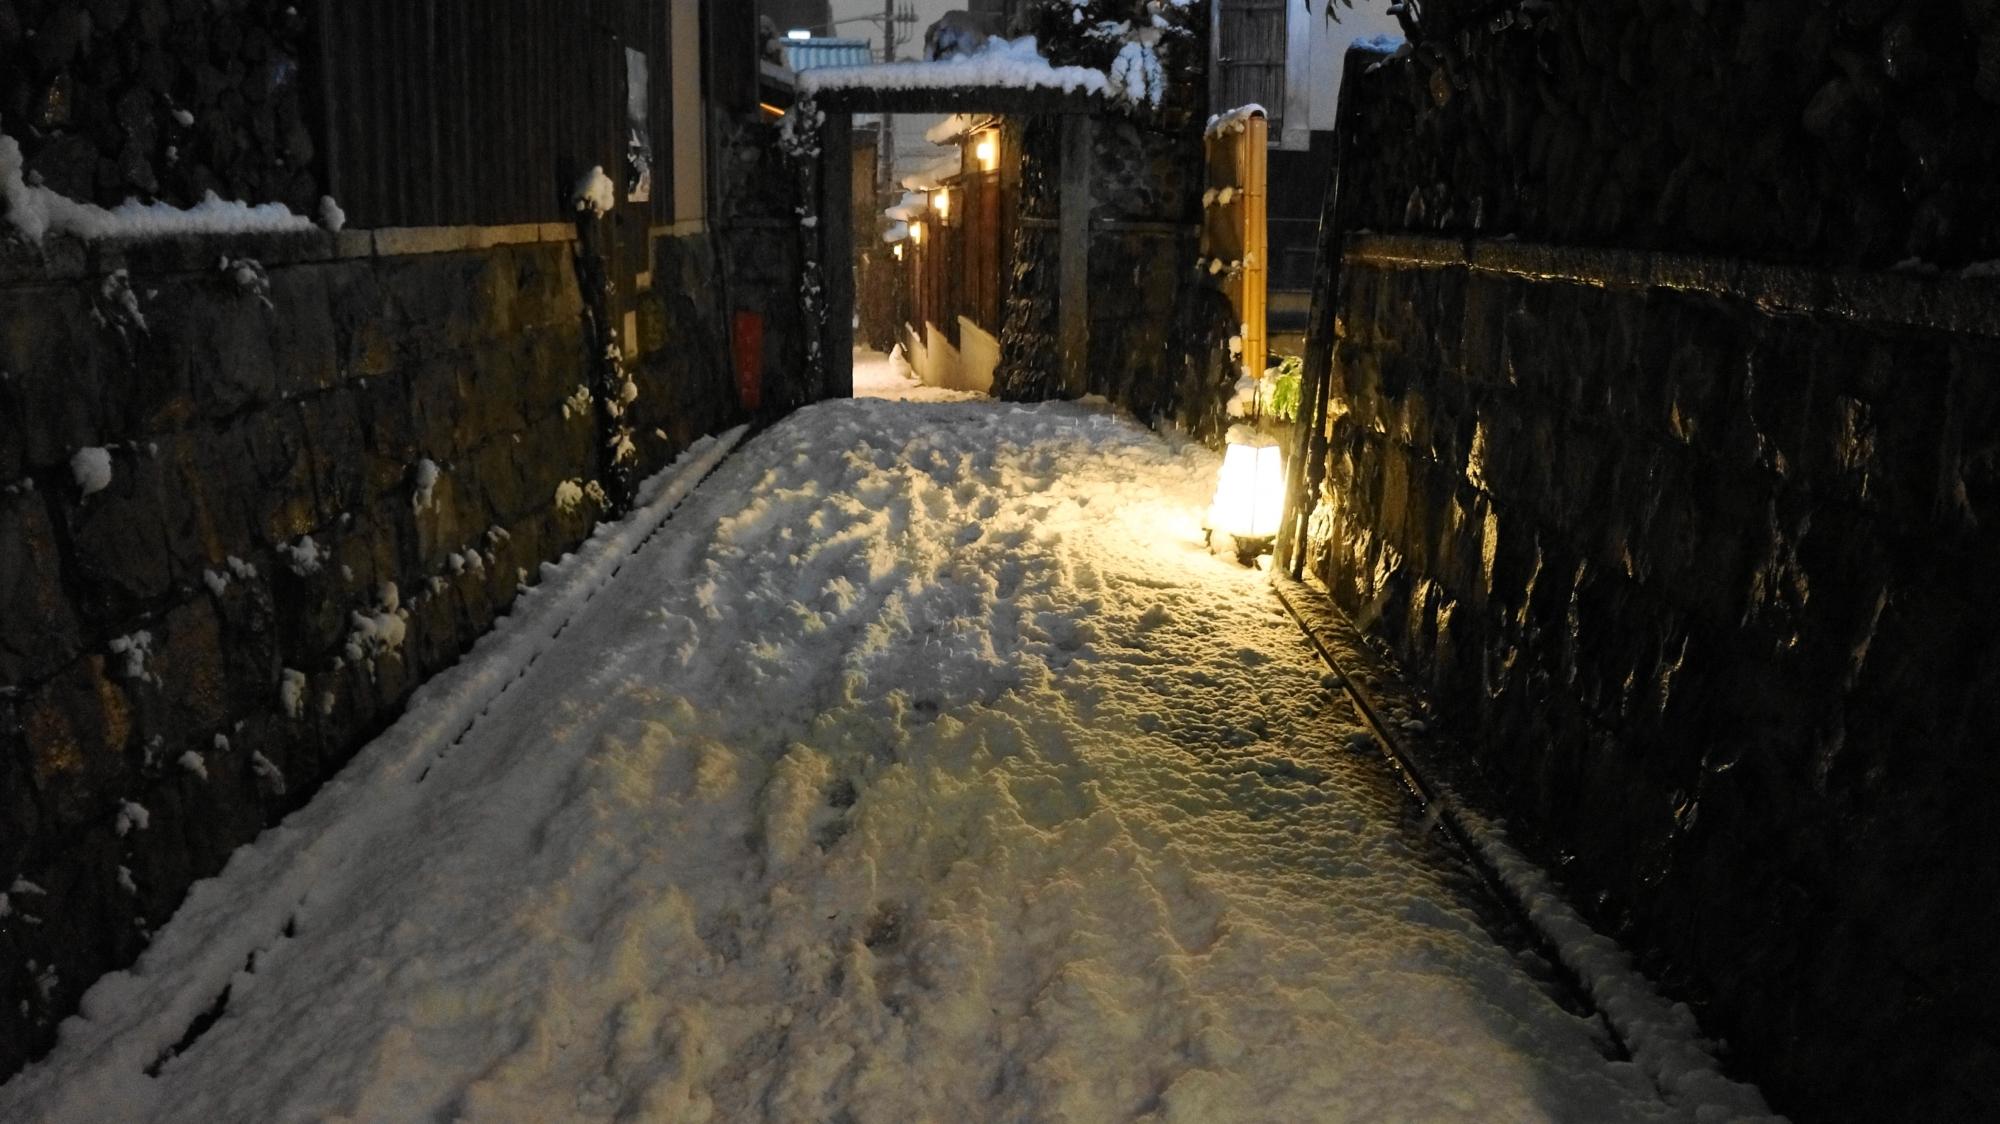 情緒ある街灯に照らされた雪の細道